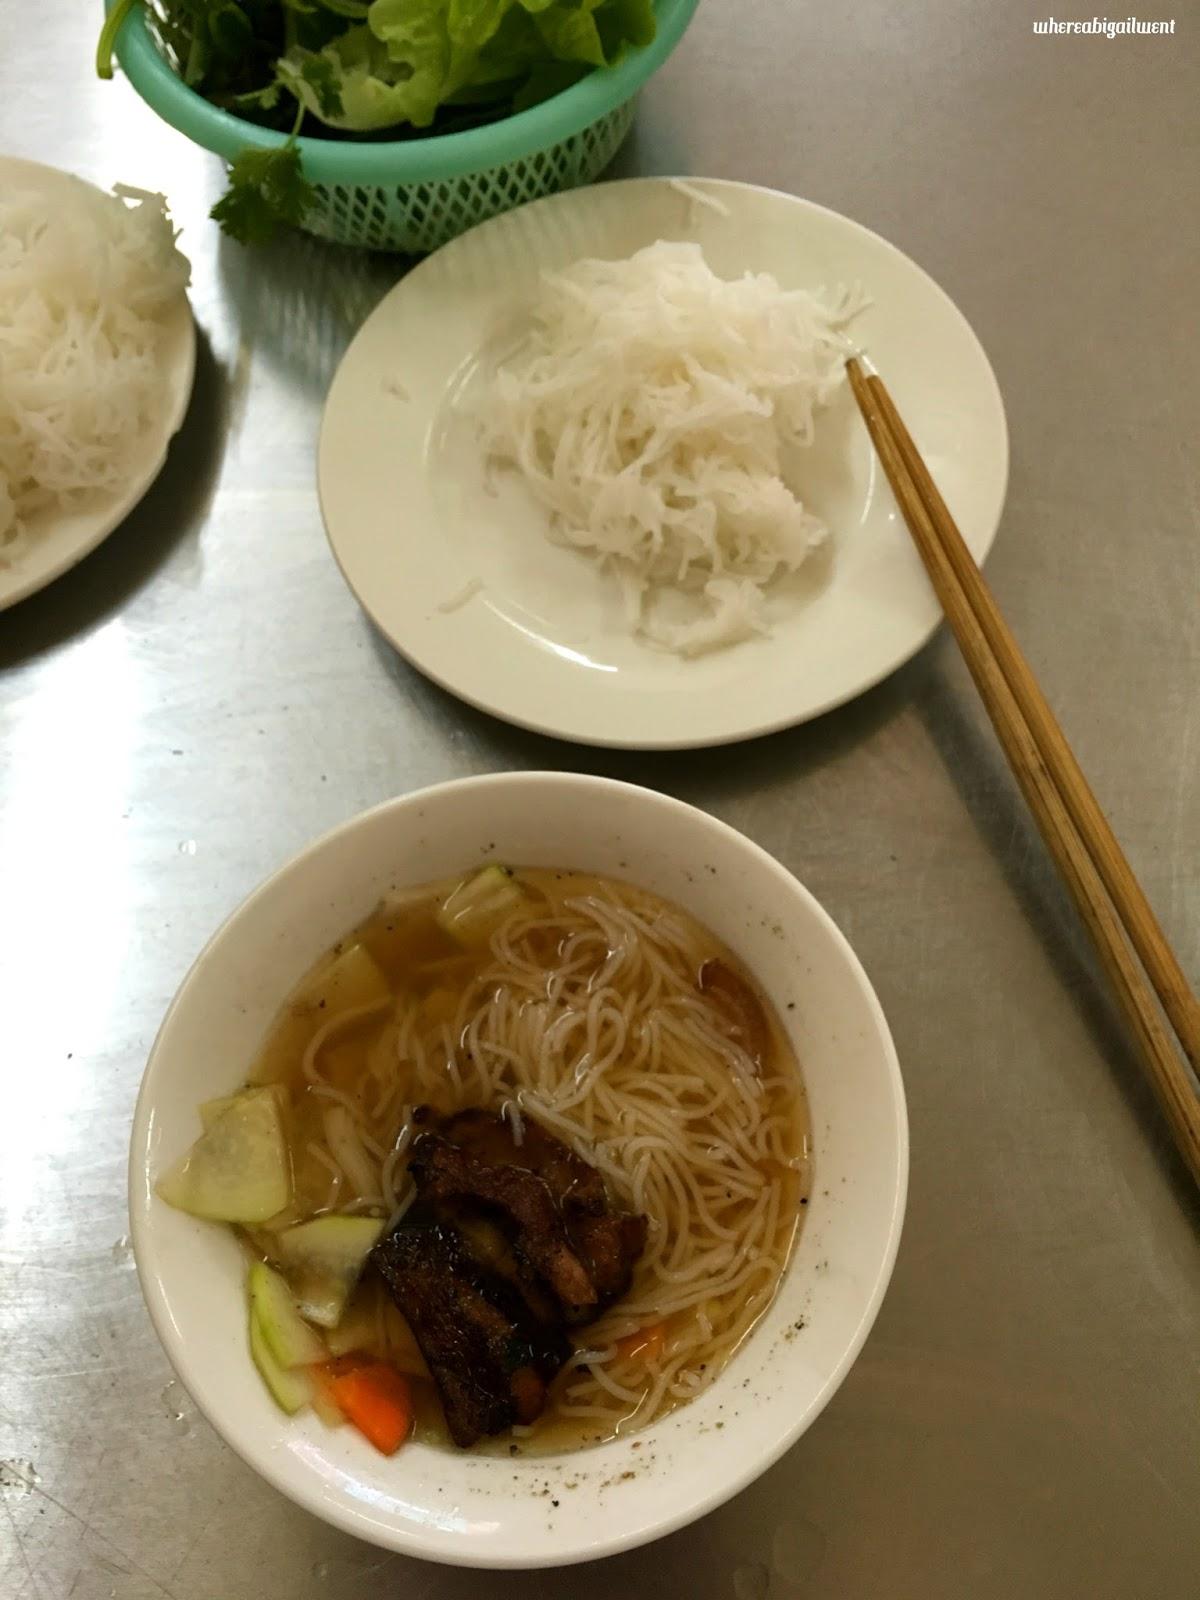 Authentic Bun Cha Restaurant in Hanoi